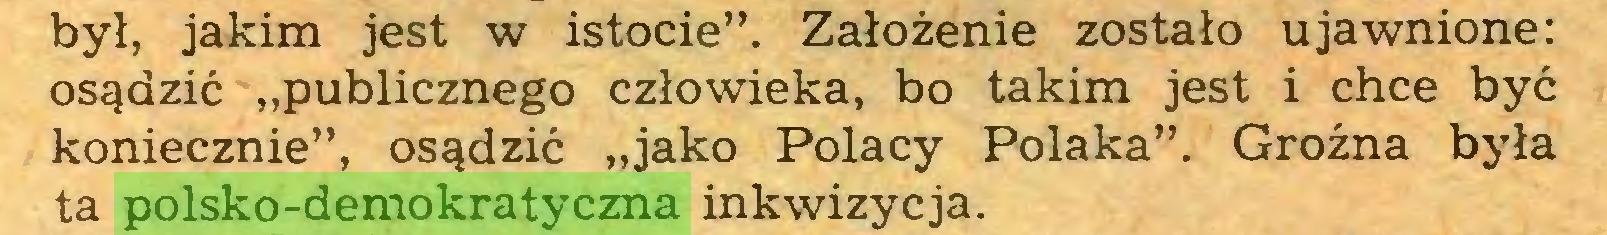 """(...) był, jakim jest w istocie"""". Założenie zostało ujawnione: osądzić """"publicznego człowieka, bo takim jest i chce być koniecznie"""", osądzić """"jako Polacy Polaka"""". Groźna była ta polsko-demokratyczna inkwizycja..."""